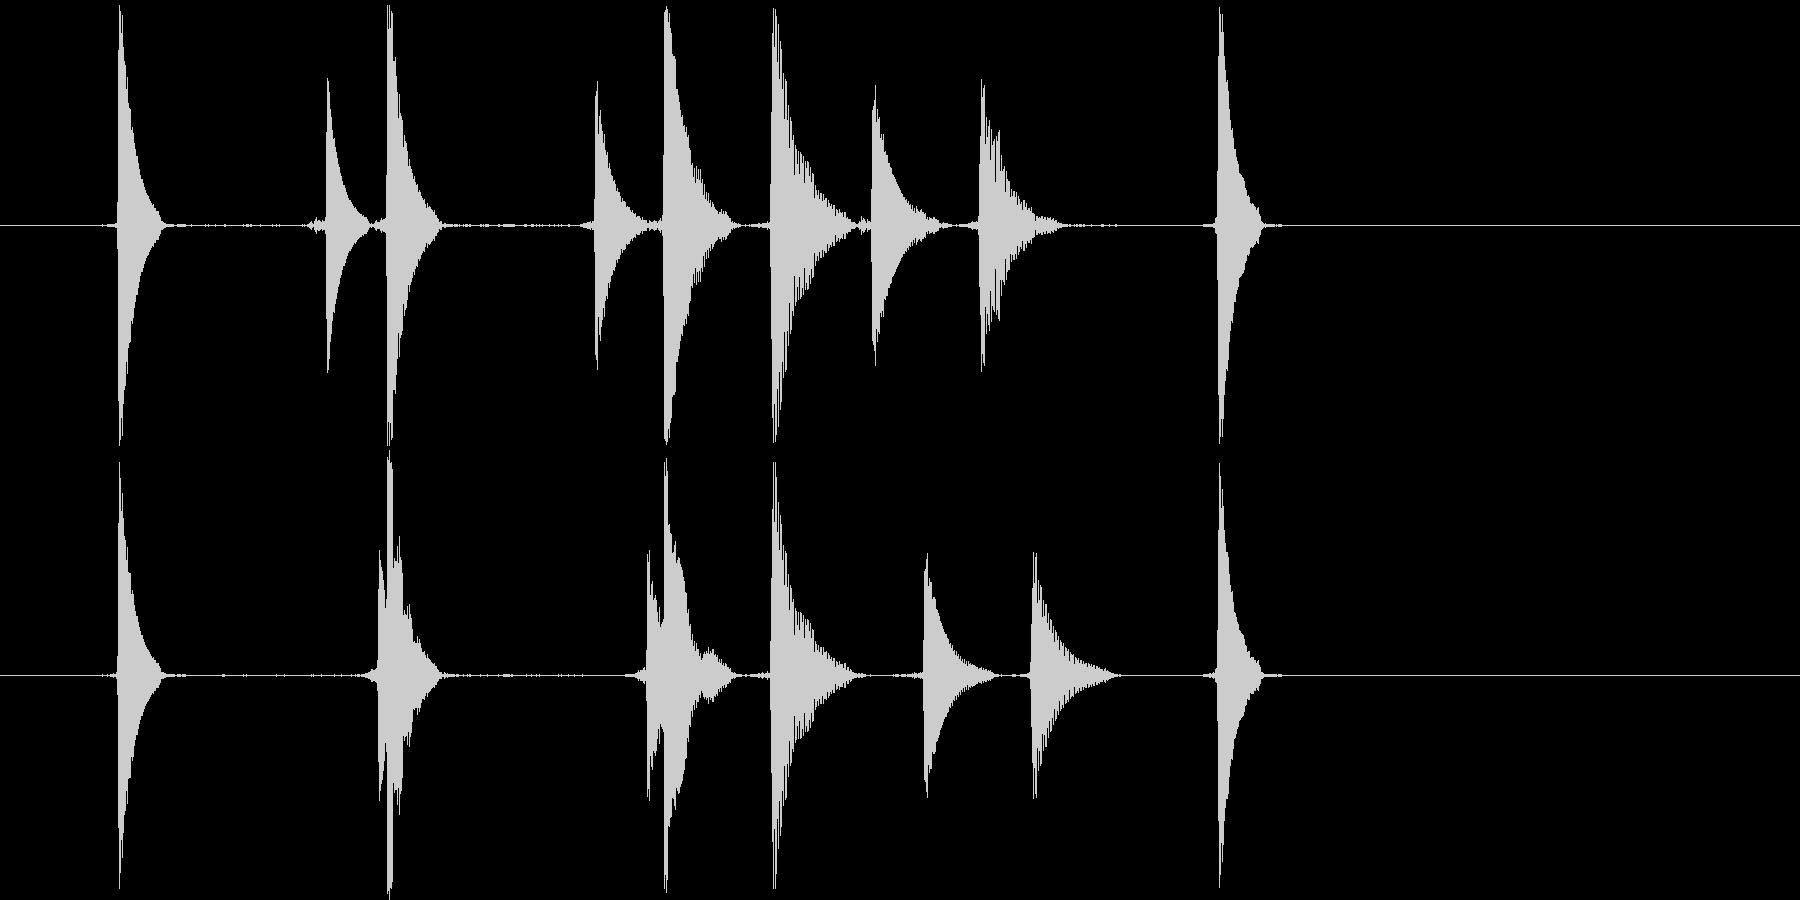 リセット音2(コココキョ)の未再生の波形